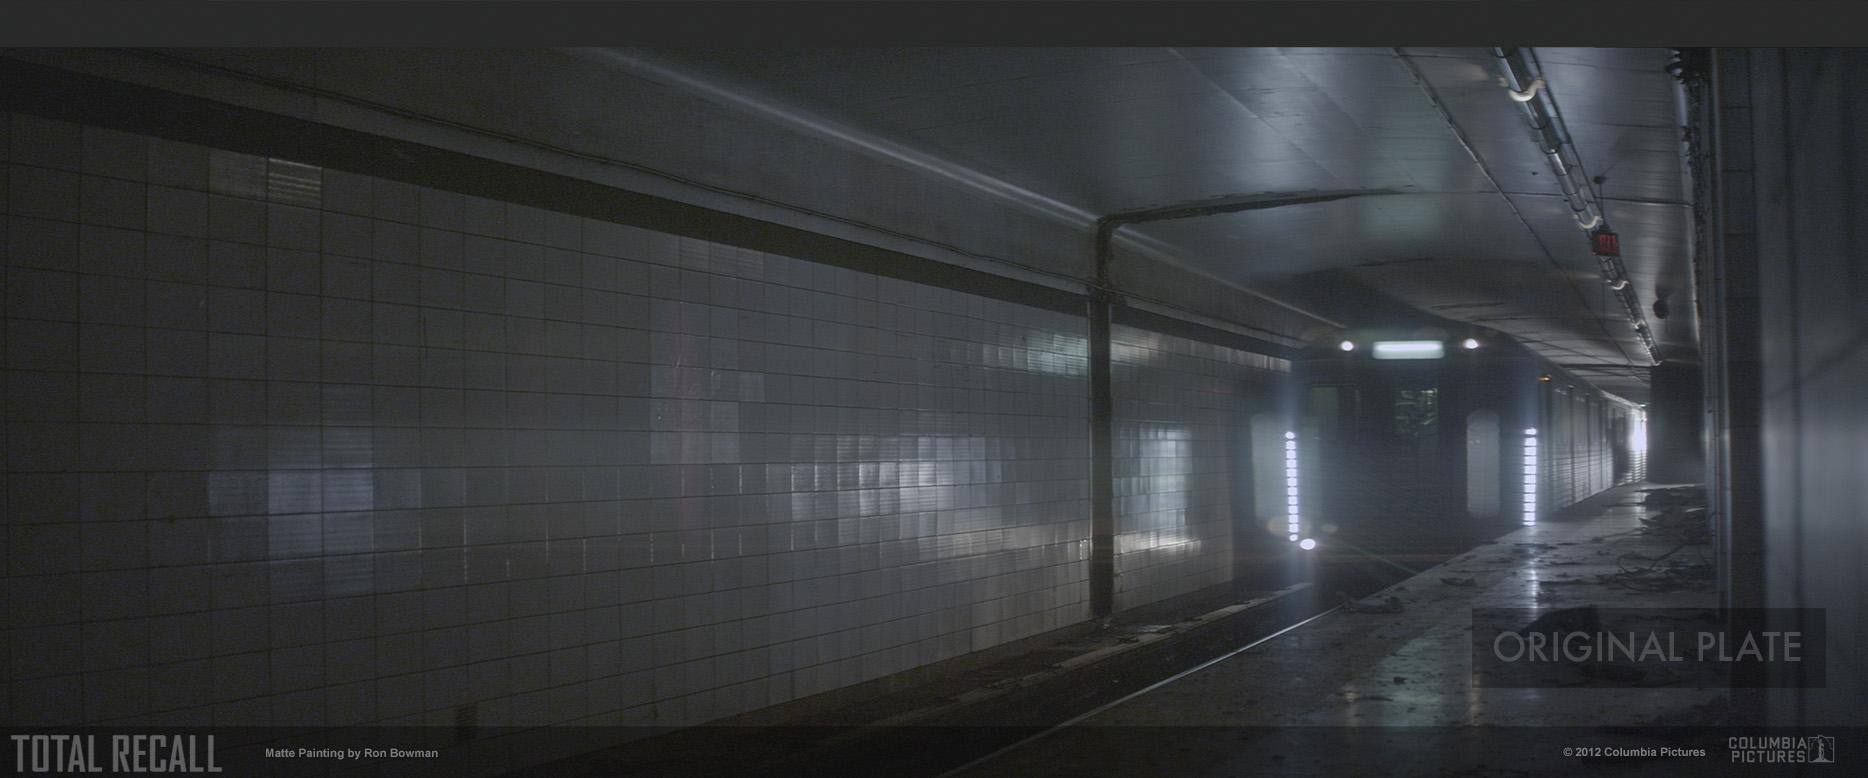 totalrecall_underground_plate.jpg